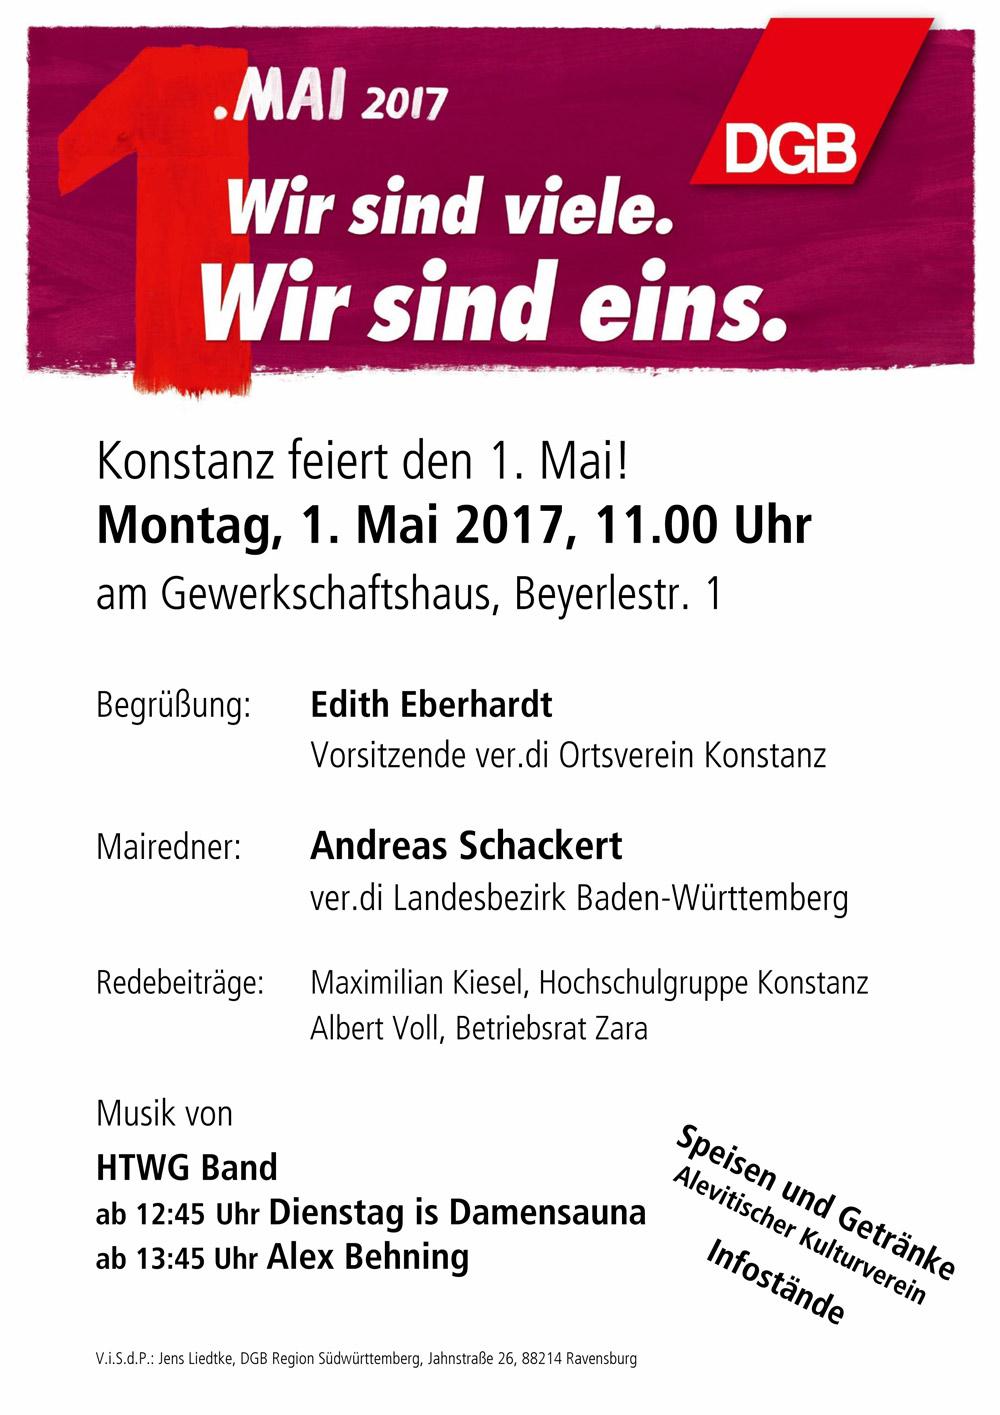 1. Mai 2017 in KN – Konstanzer Bündnis für gerechten Welthandel ...